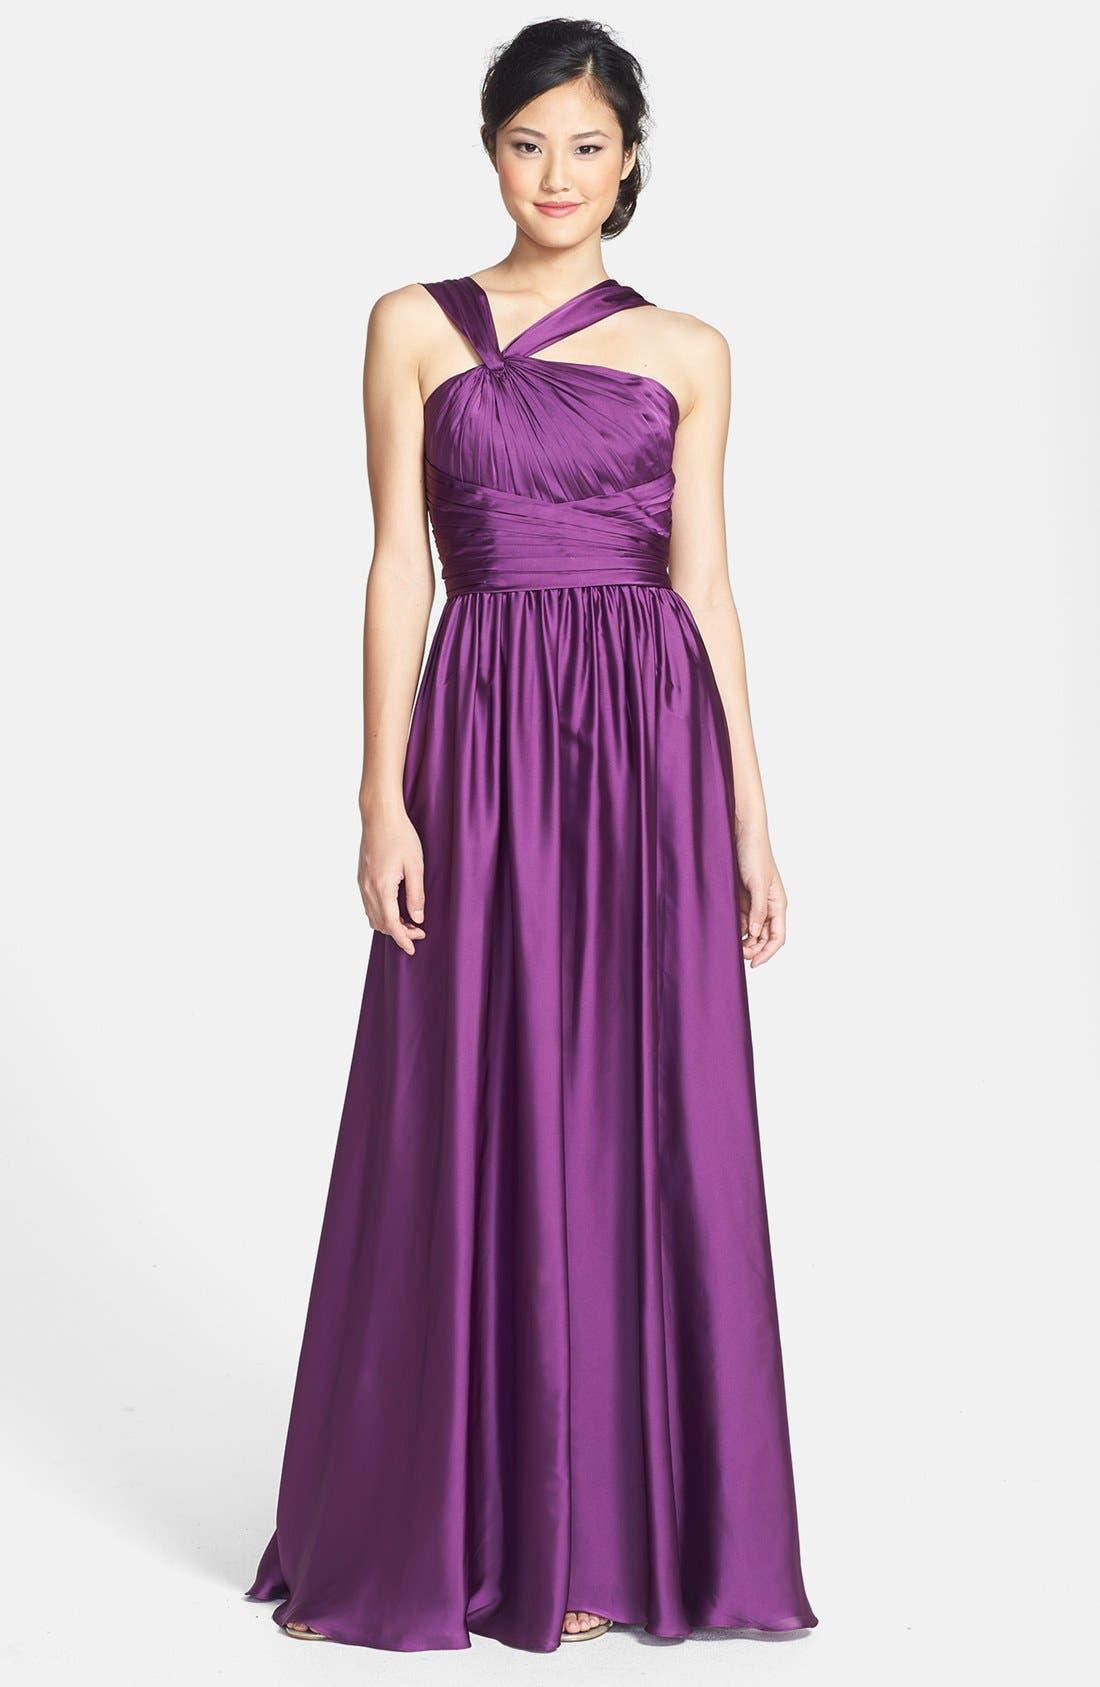 Main Image - Monique Lhuillier Bridesmaids Twist Shoulder Satin Chiffon Gown (Nordstrom Exclusive)